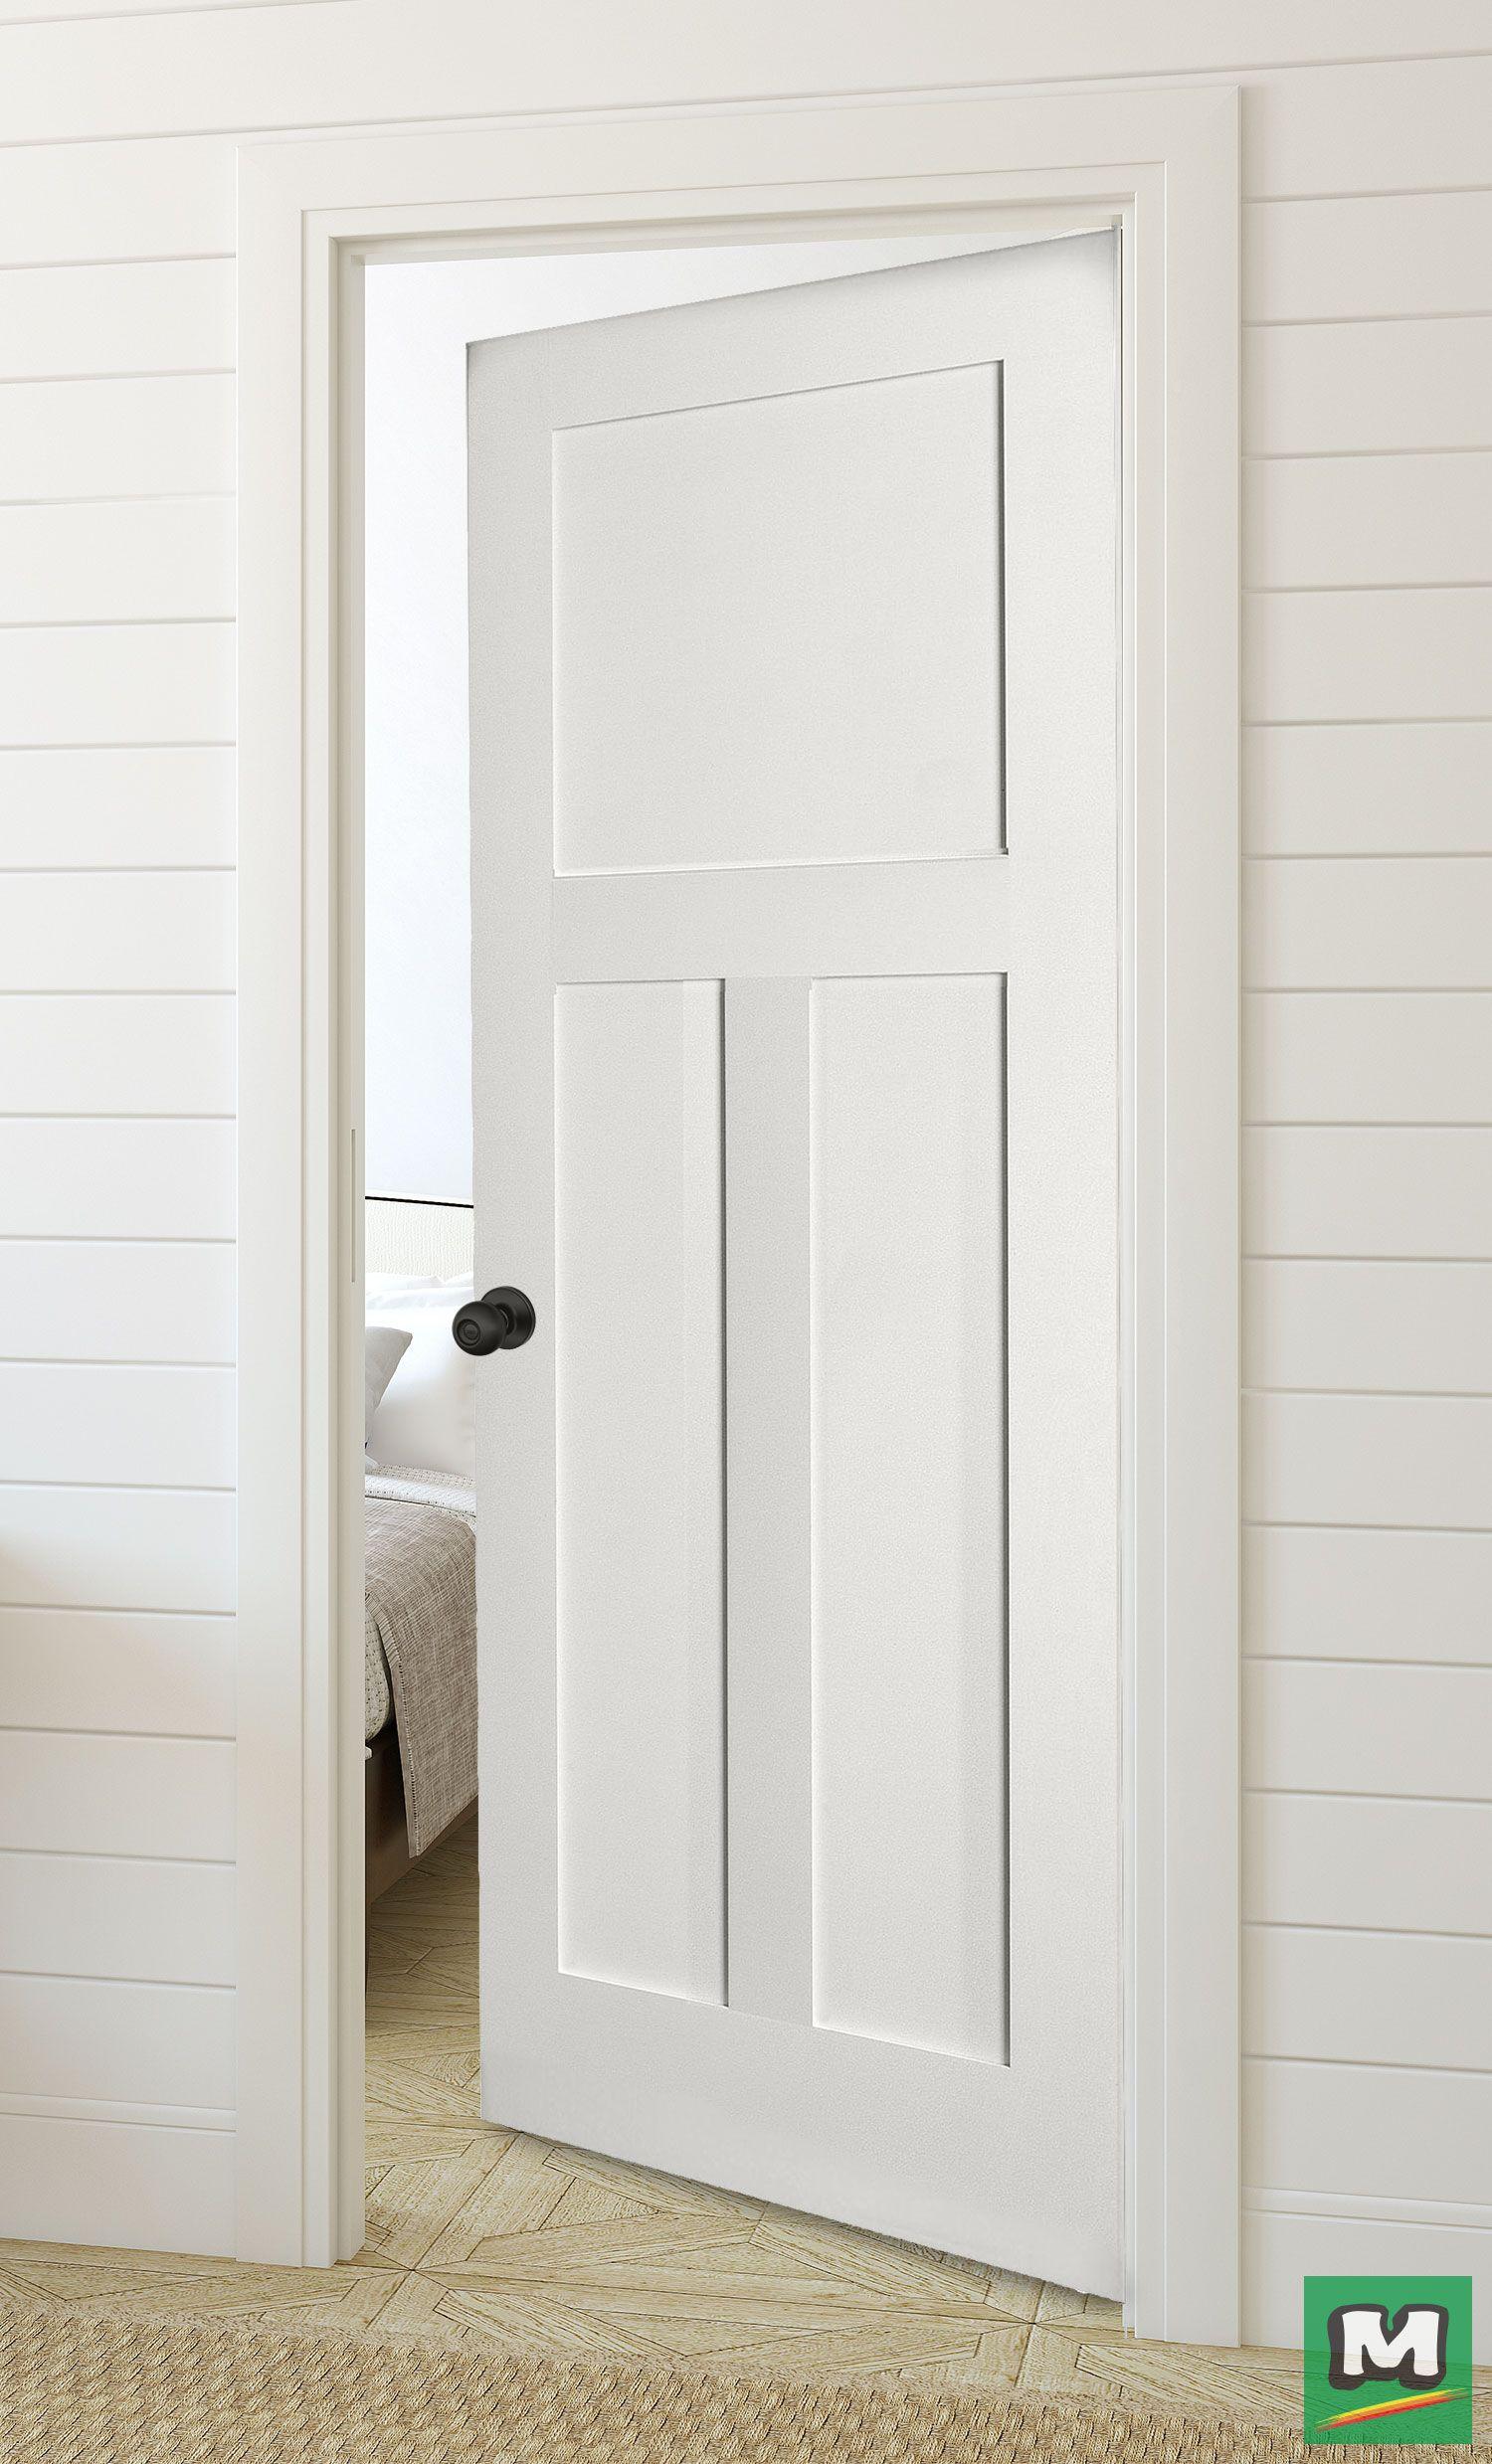 The Three Panel Door From Mastercraft Offers The Look Of A Handcrafted Door With A Design Craftsman Interior Doors Prehung Interior Doors Black Interior Doors